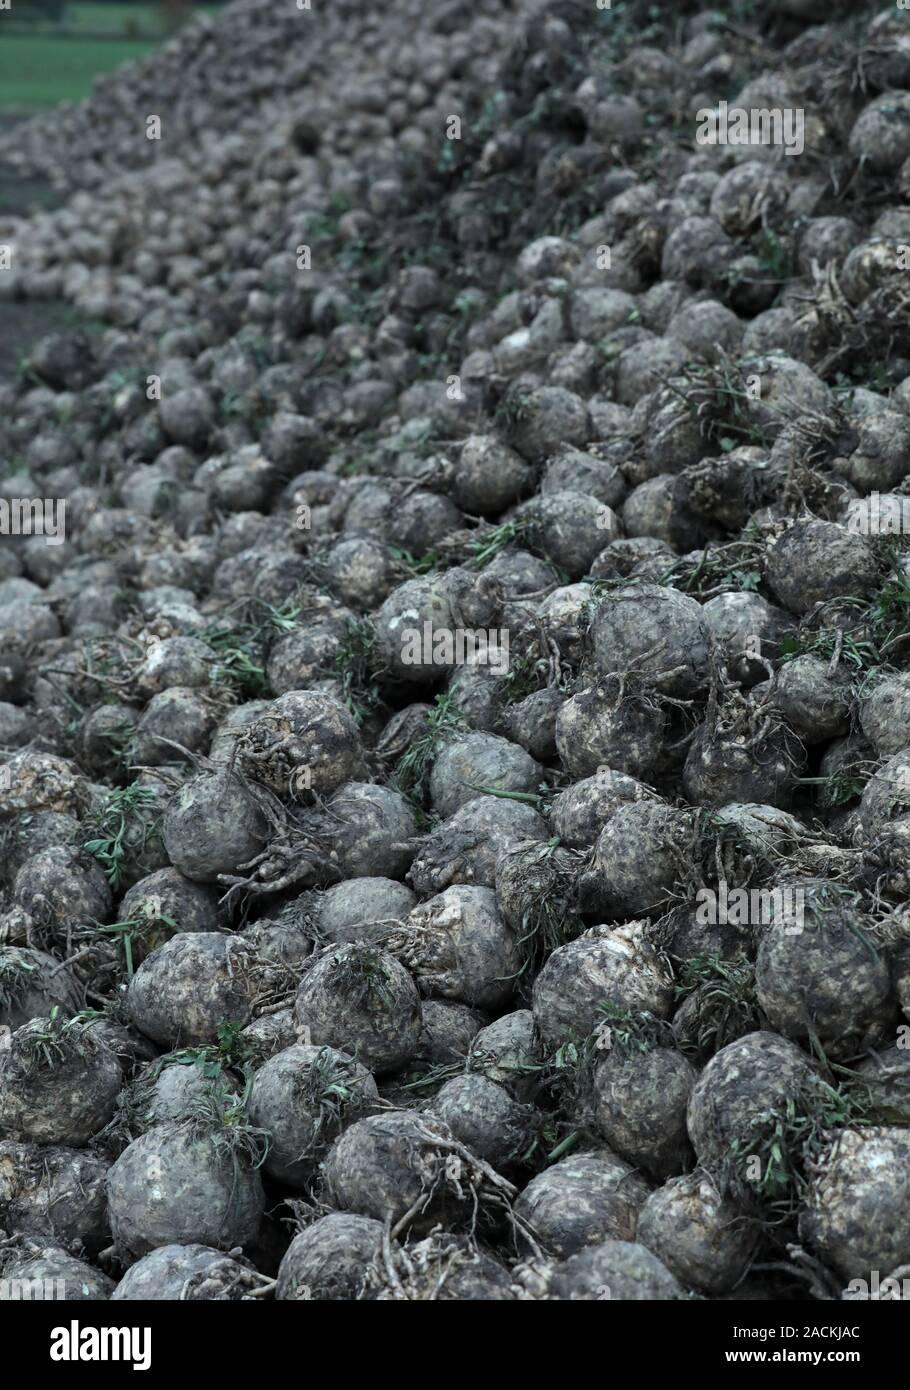 Zuckerrüben auf einem Feld Stockfoto